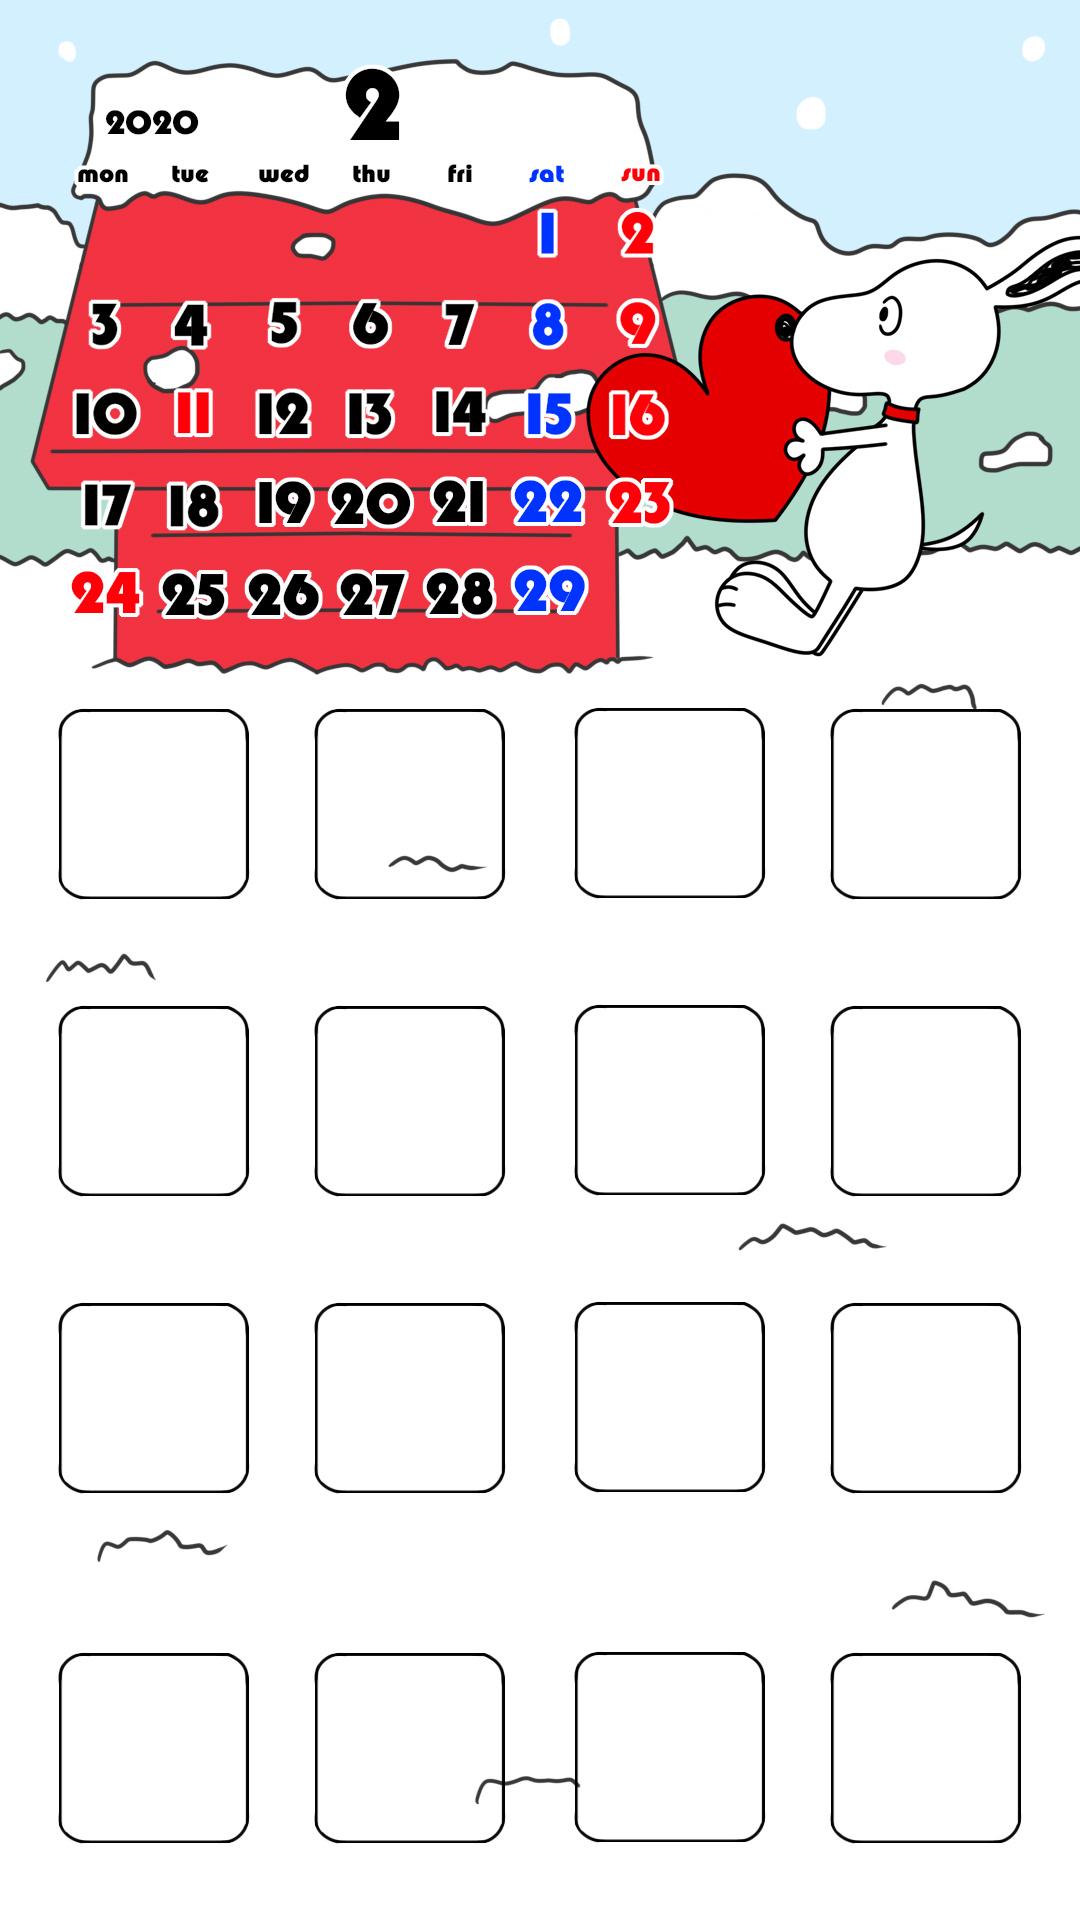 待ち受けカレンダー スマホ壁紙 スヌーピー iPhone用 月曜始まり 2020年2月